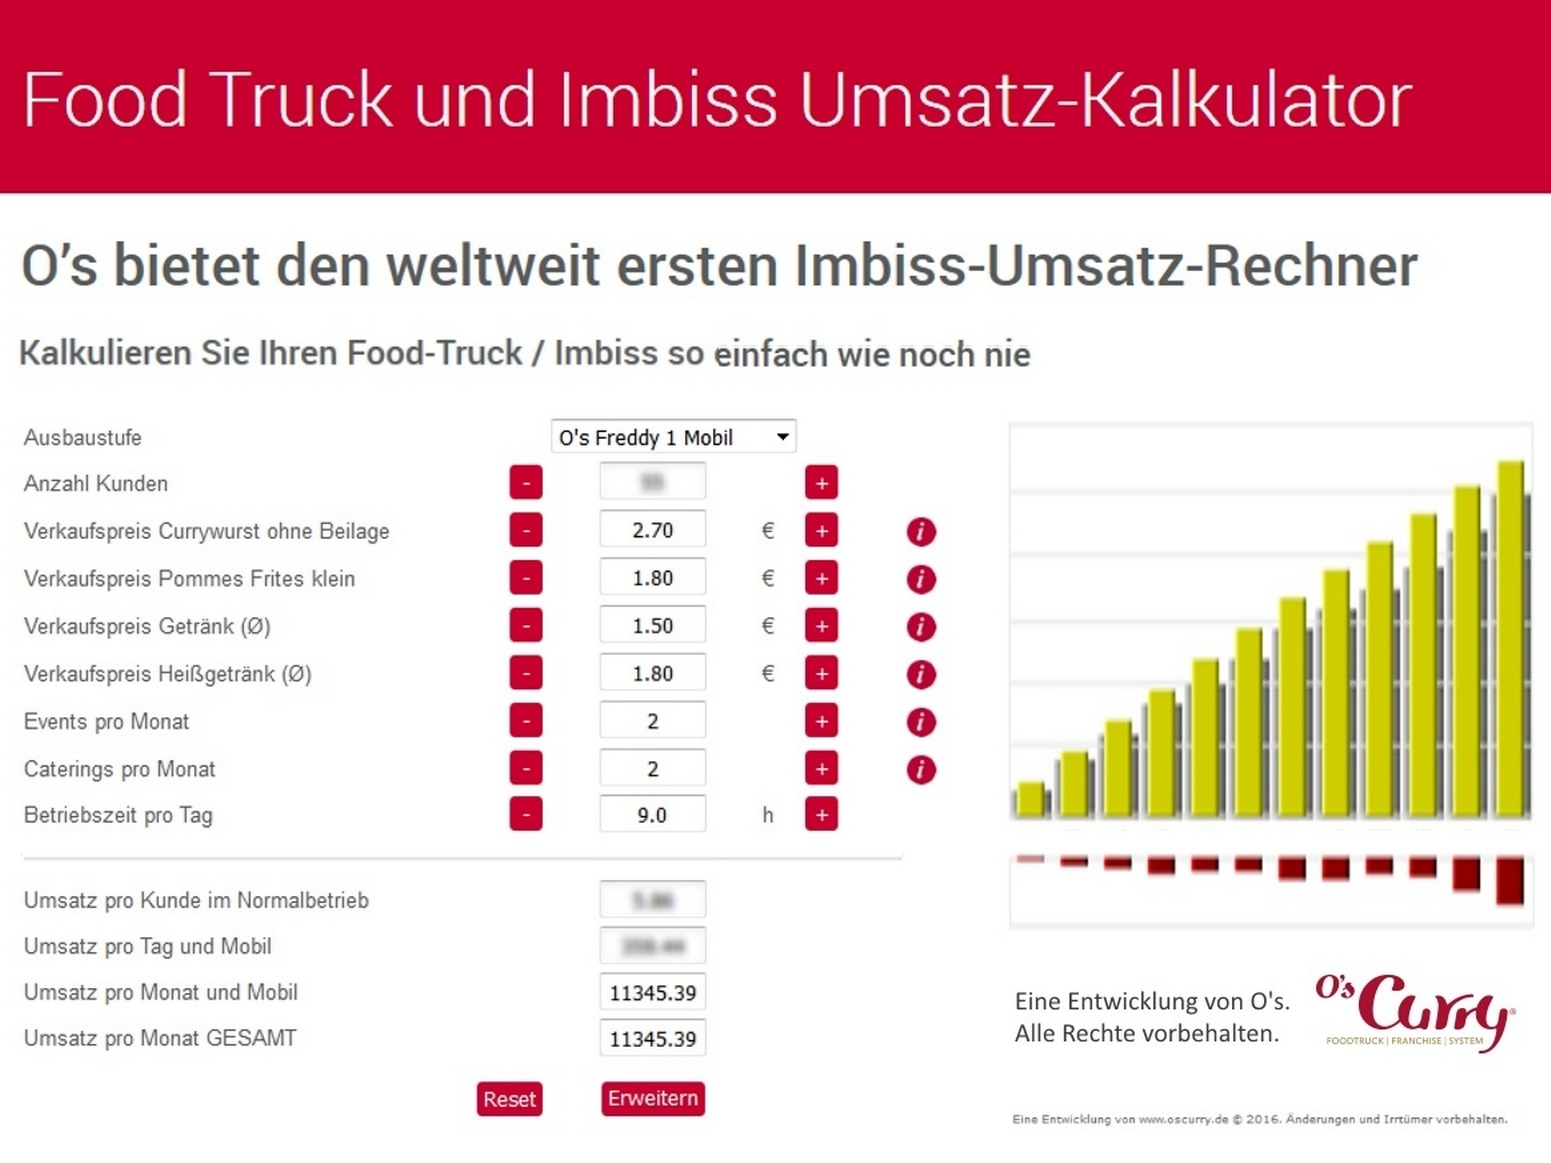 Weltneuheit Food-Truck u. Imbiss-Umsatz-Rechner by O's Curry